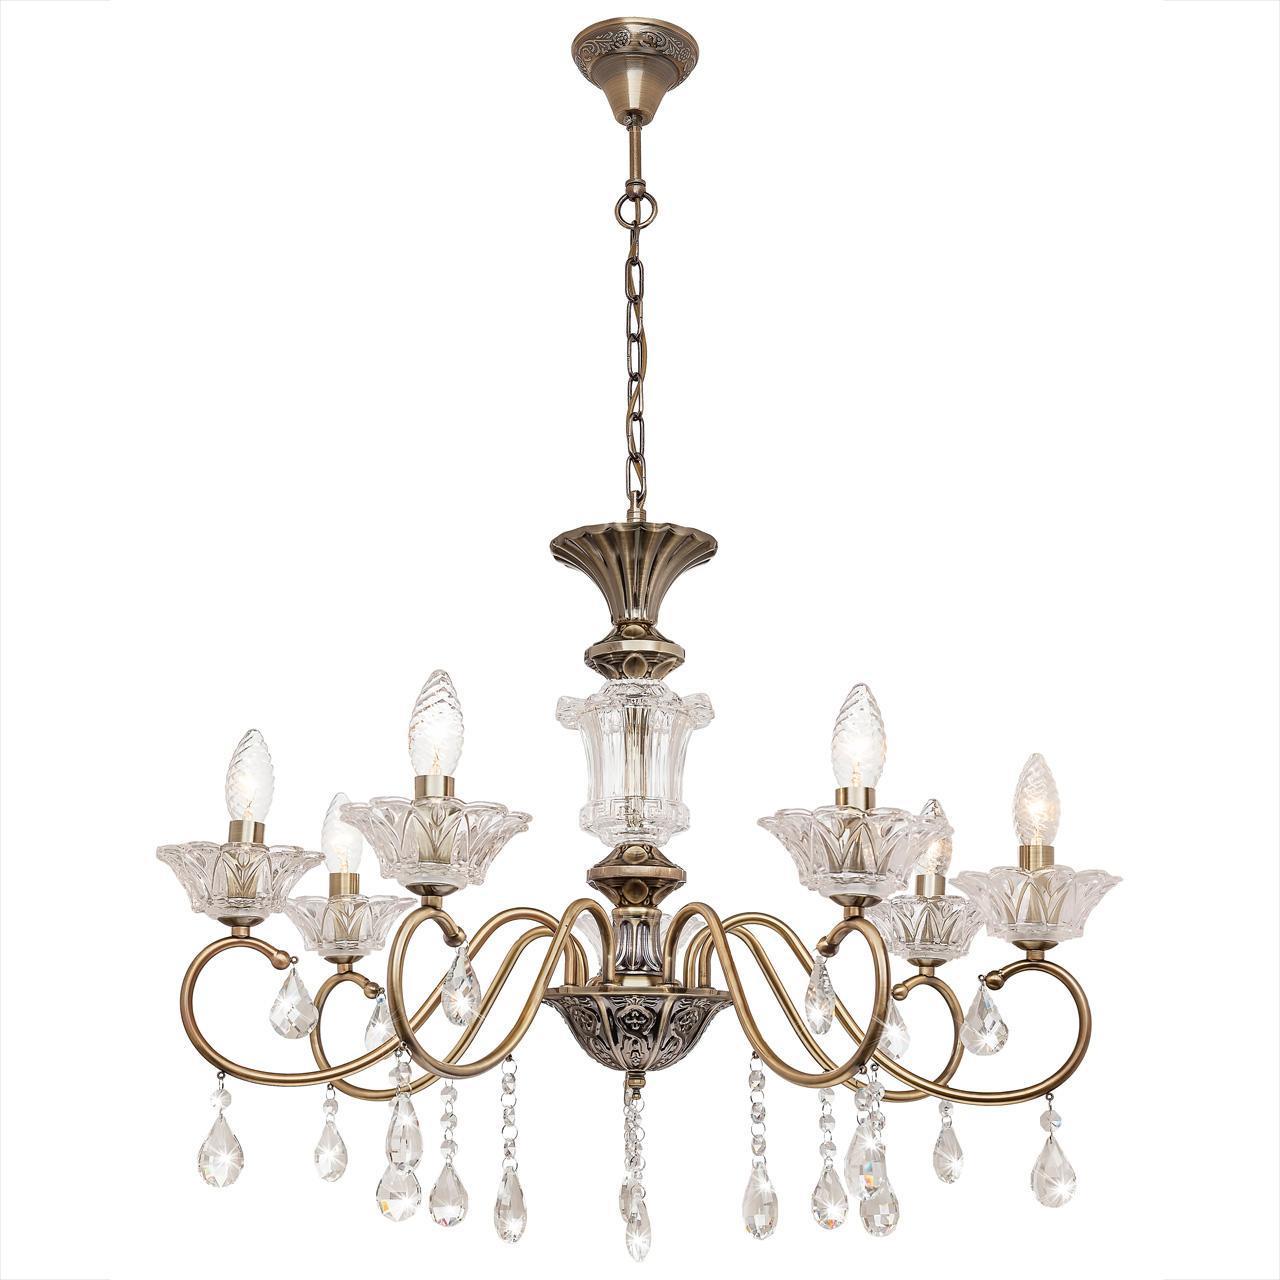 цена Люстра Silver Light Bernardet 518.53.7 подвесная в интернет-магазинах